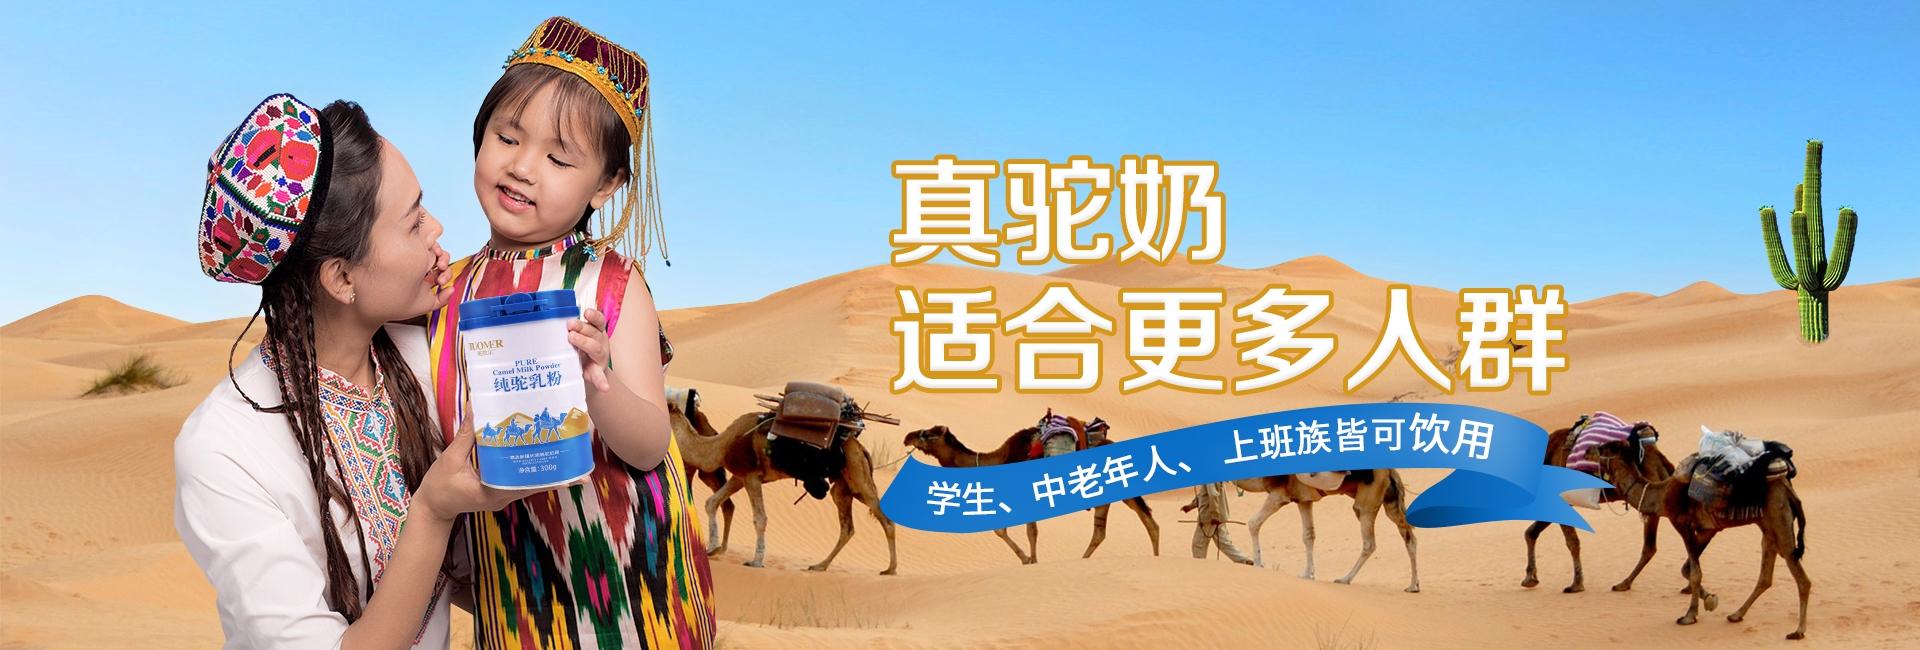 骆驼奶粉招商